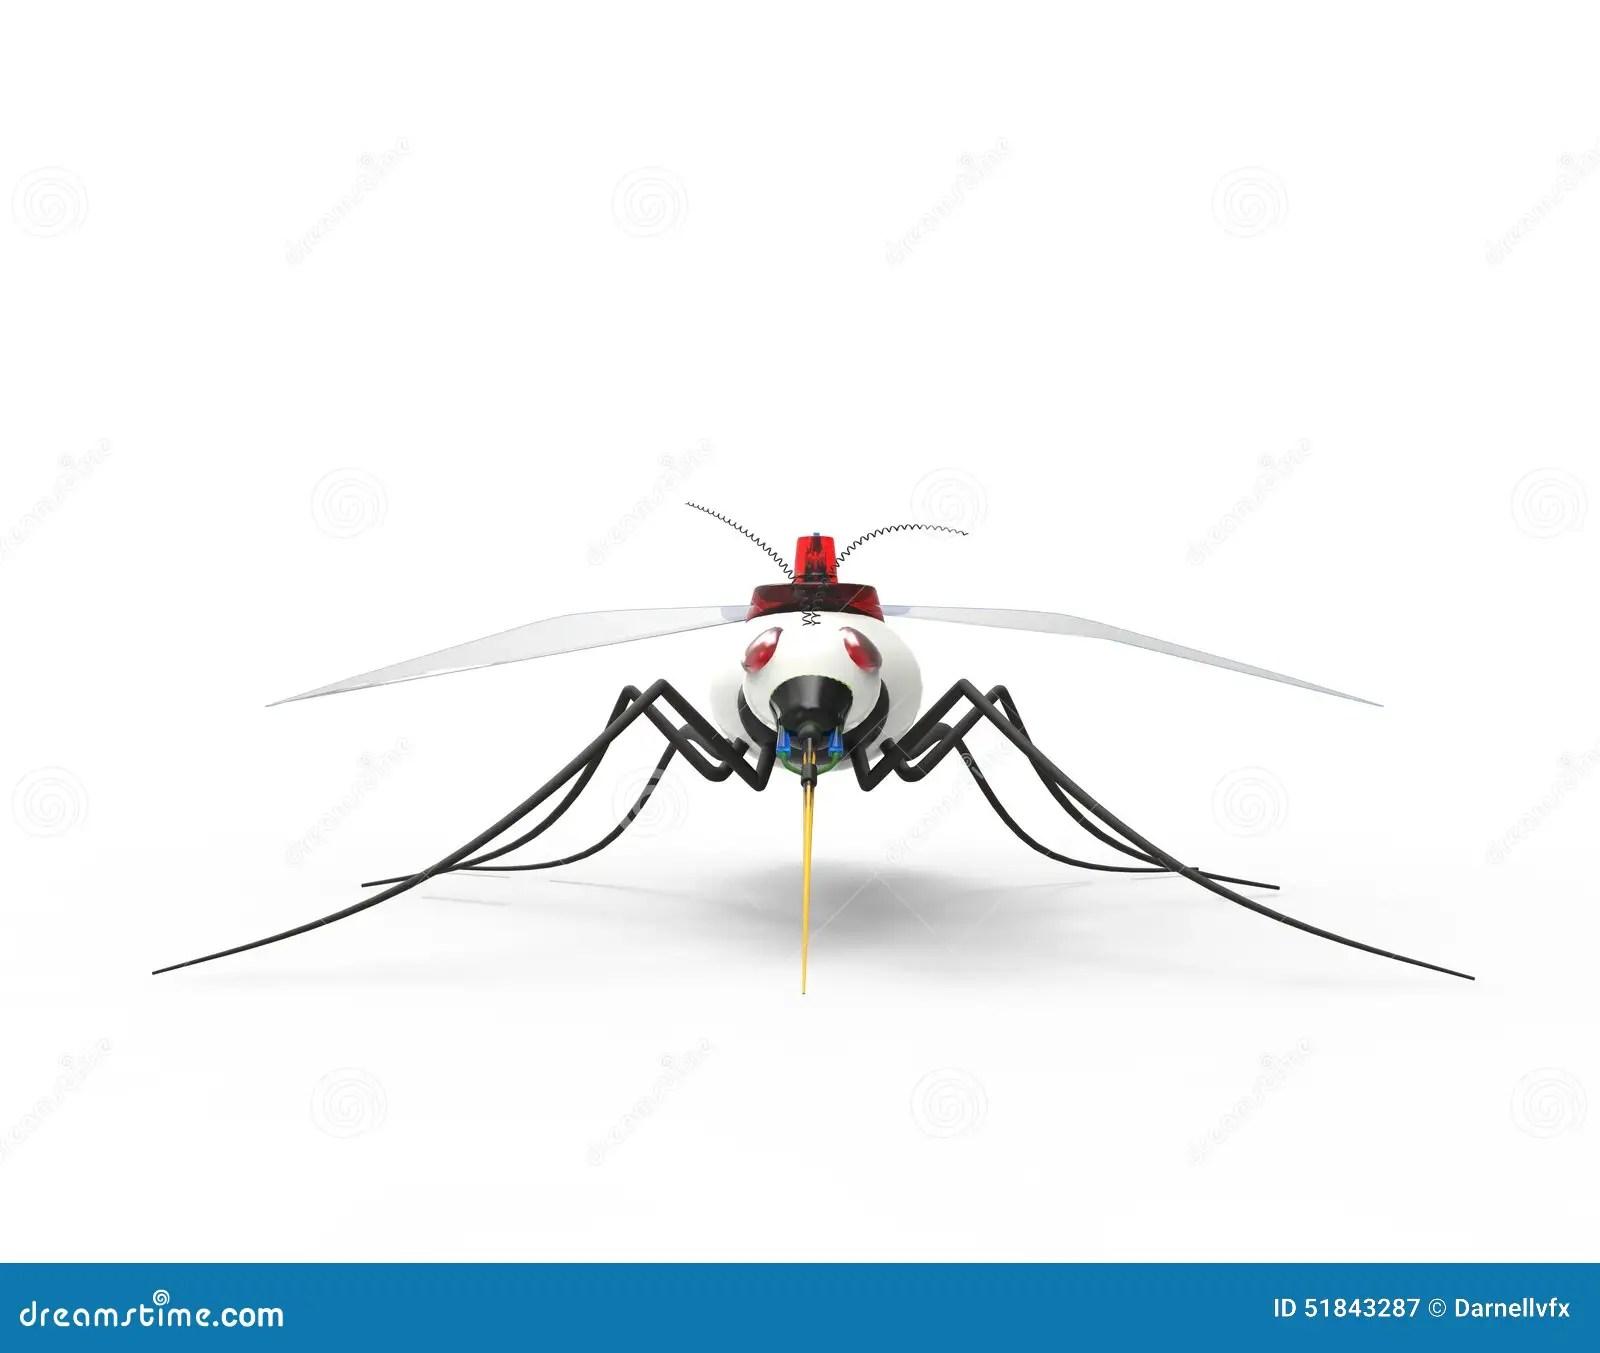 Futuristic Mosquito Nano Robots Stock Image